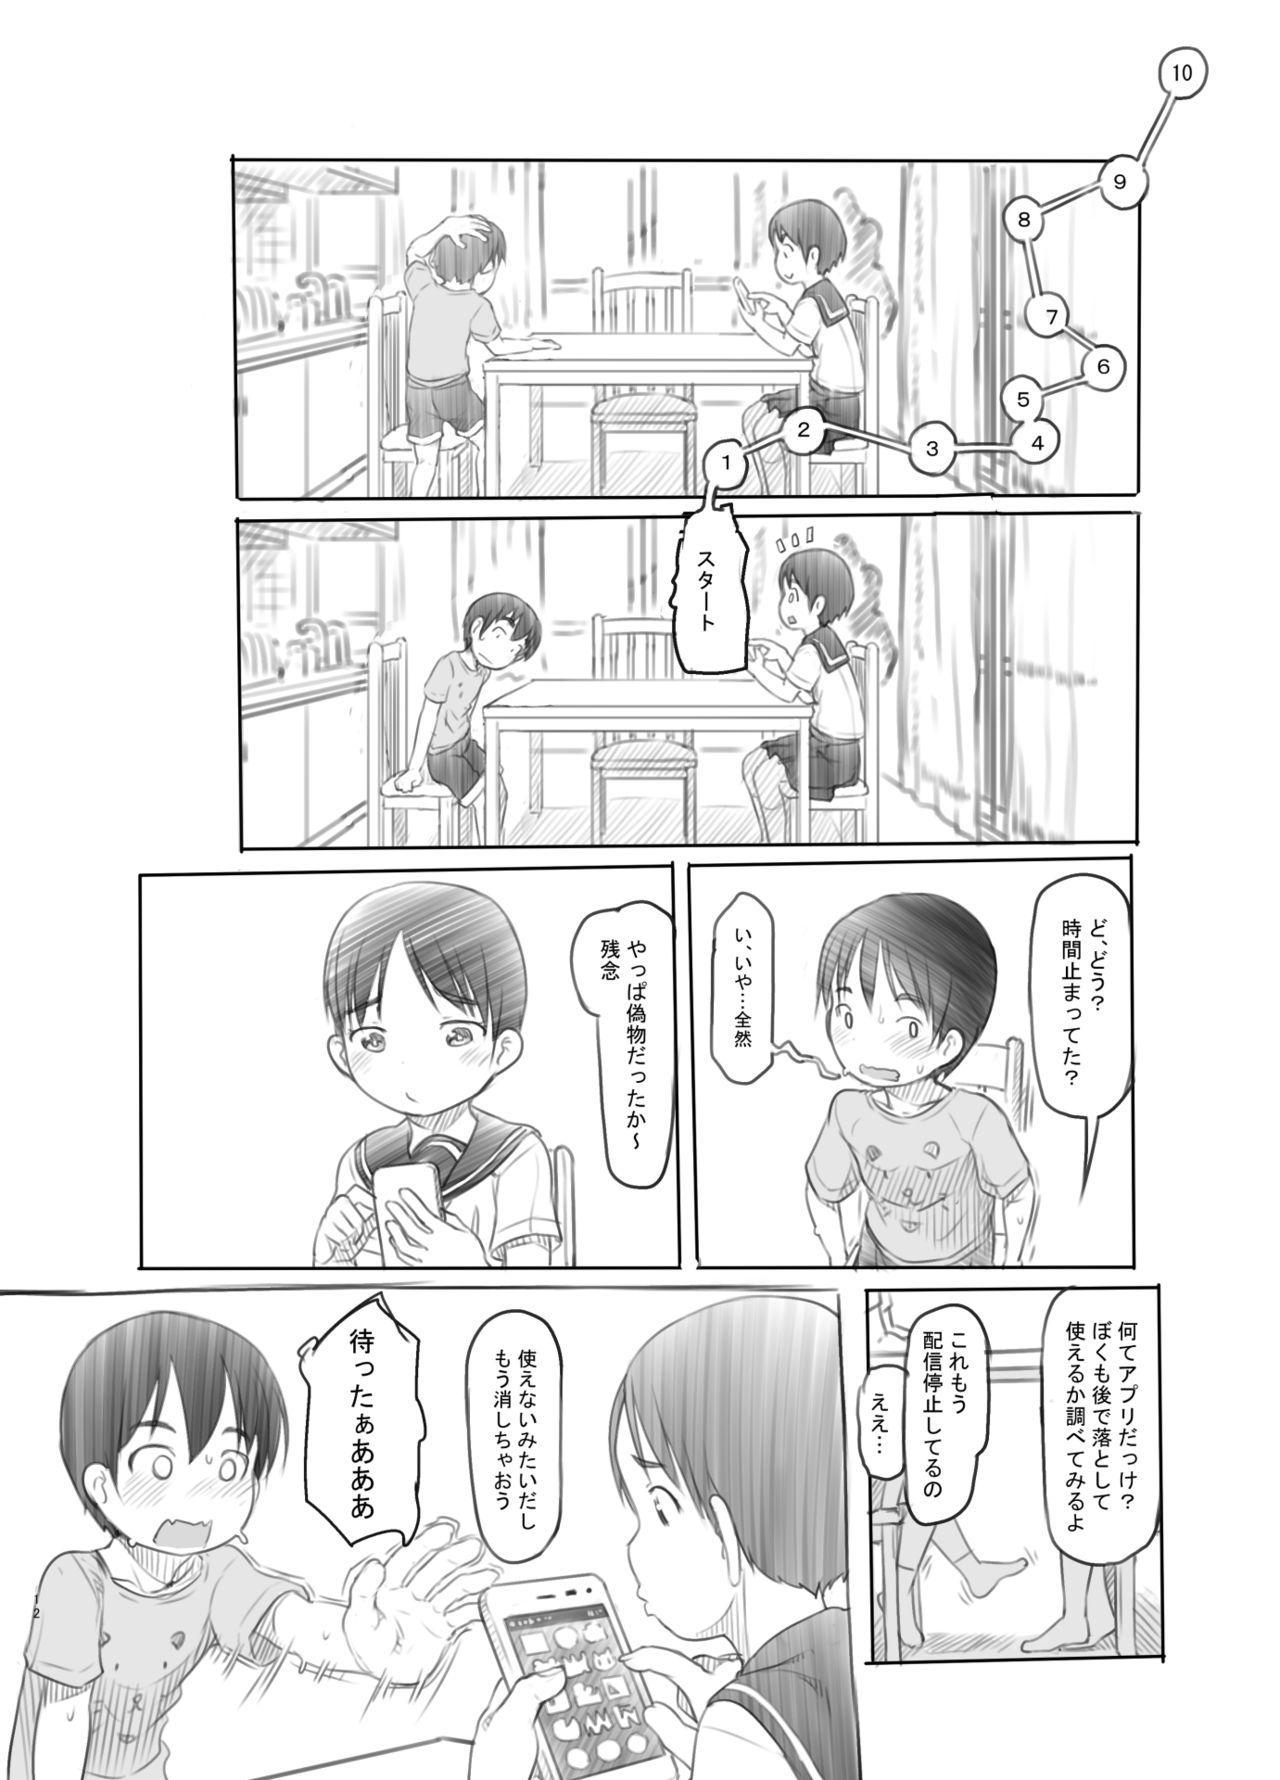 Sei ni Kyoumi ga Detekita Otouto ni Jikan Teishi Appli o Ataete Mita 10